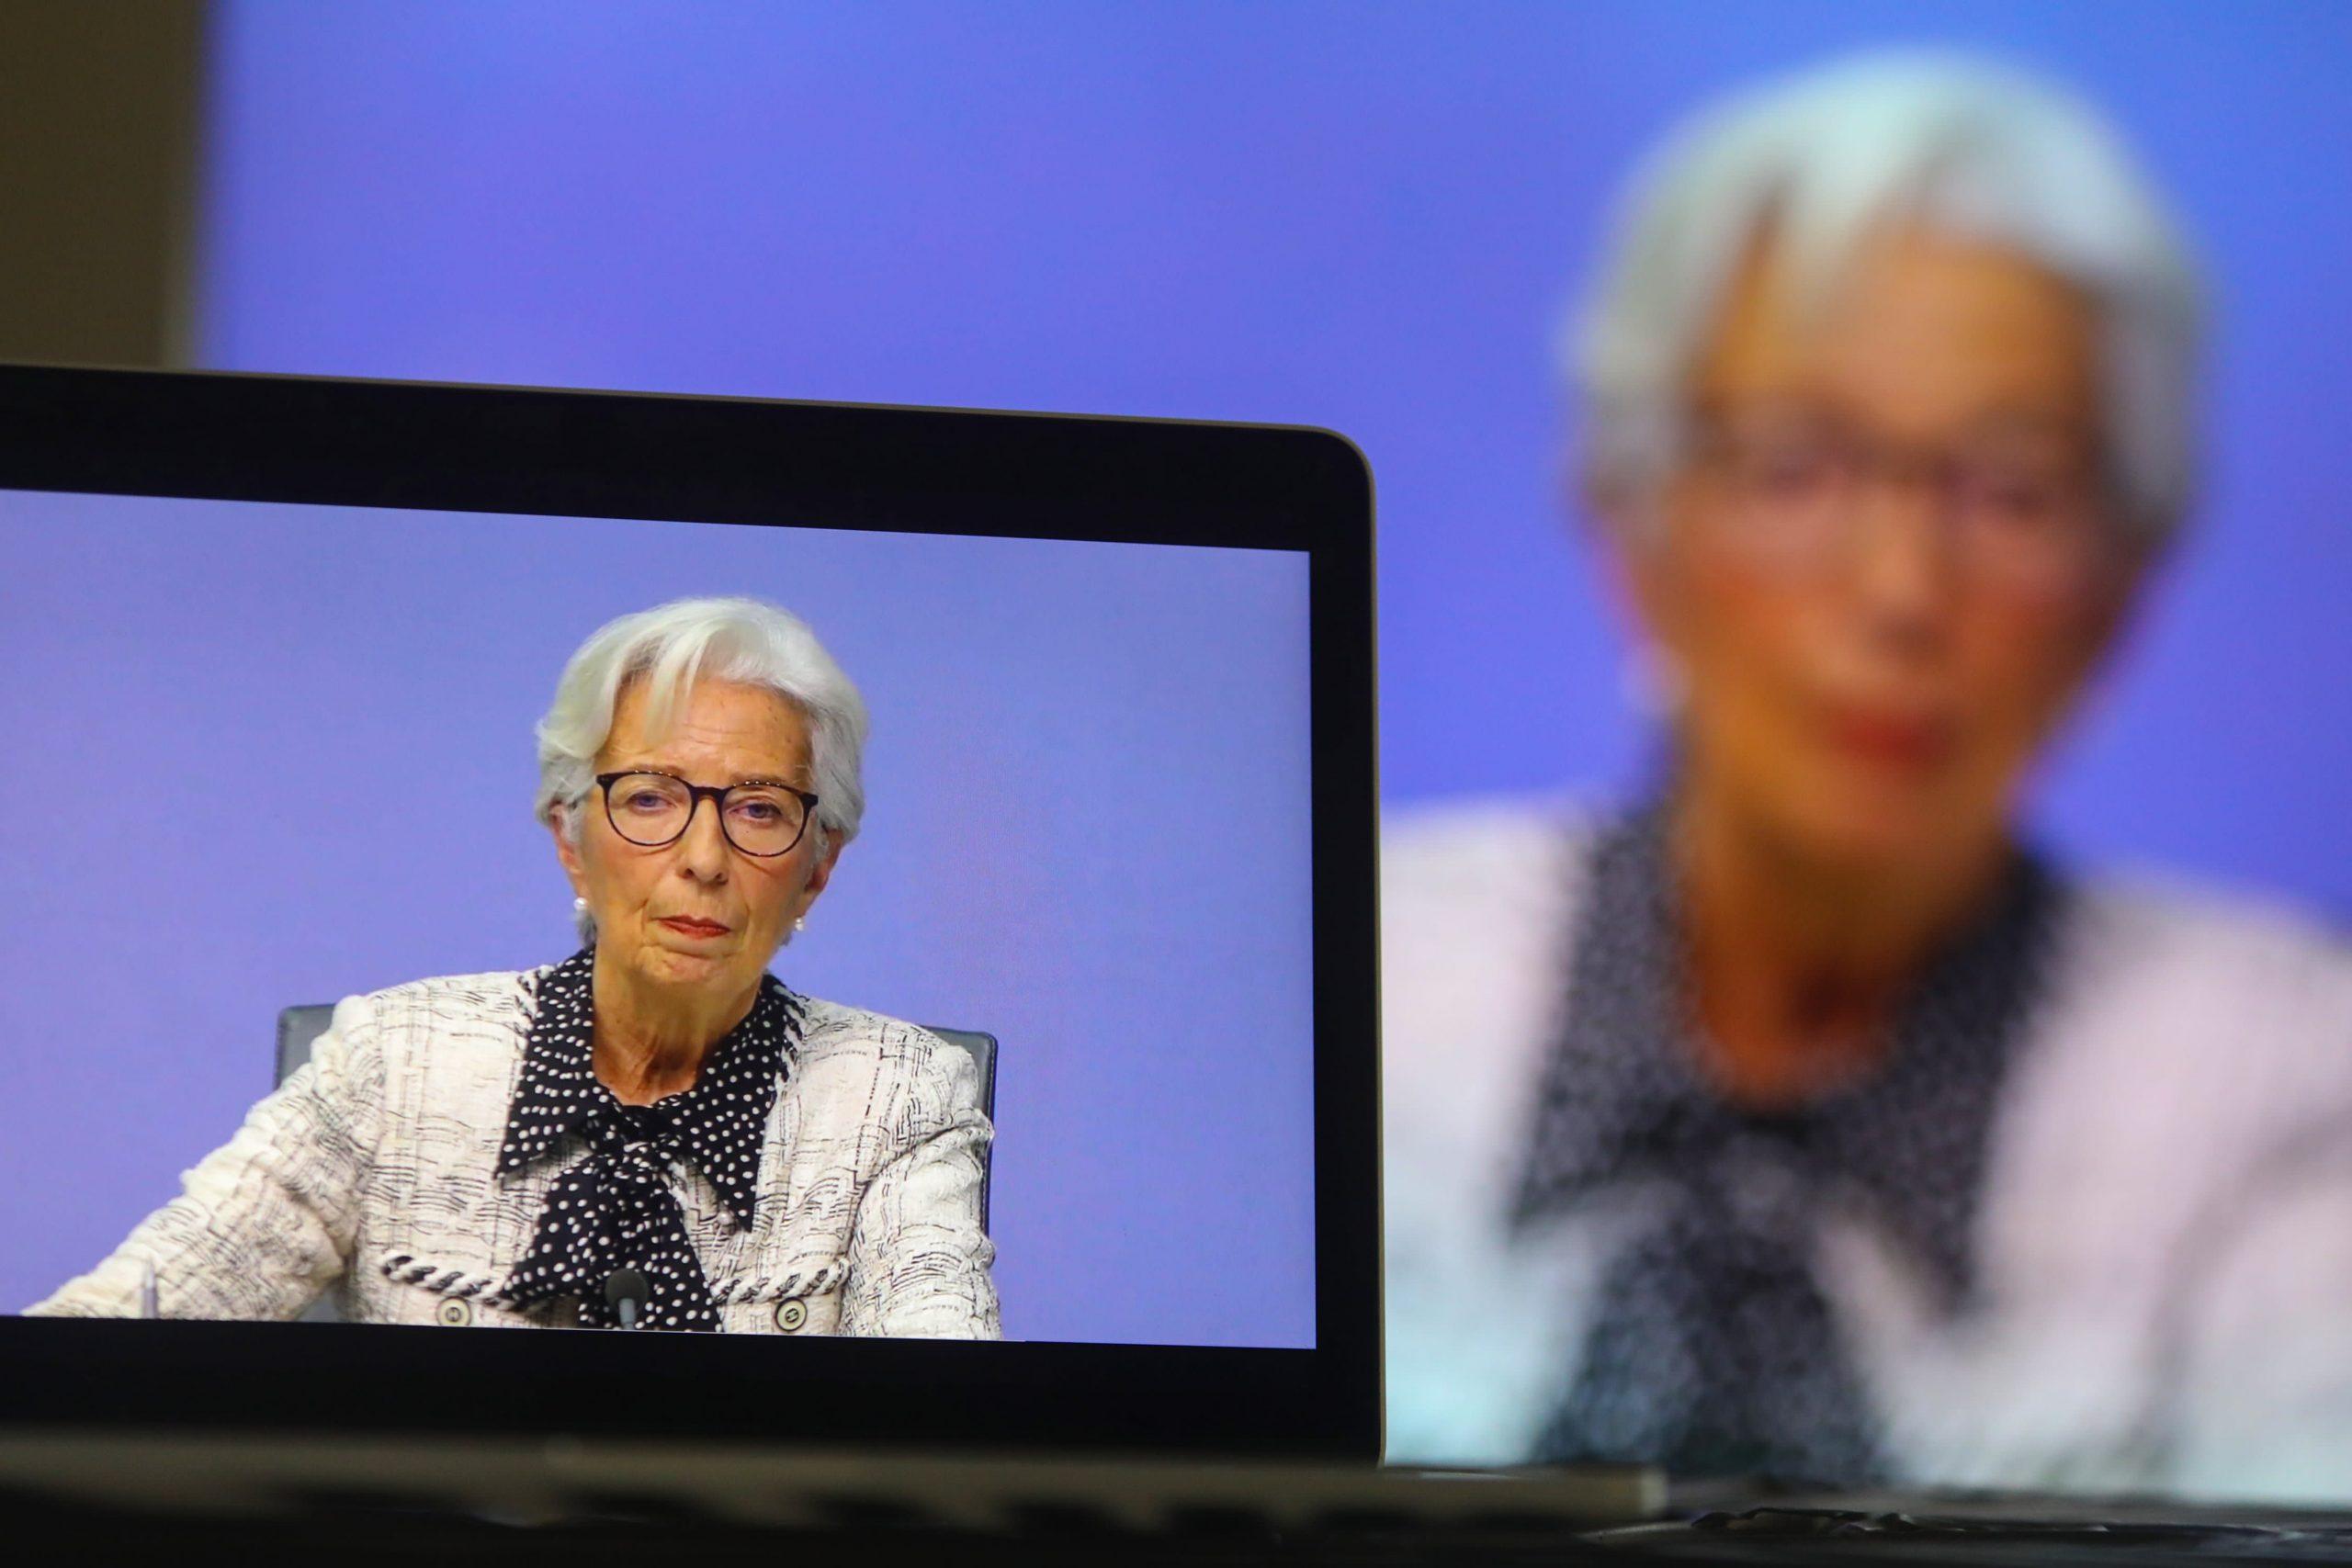 El BCE se prepara para modificar la orientación para reflejar su nuevo objetivo de inflación del 2%